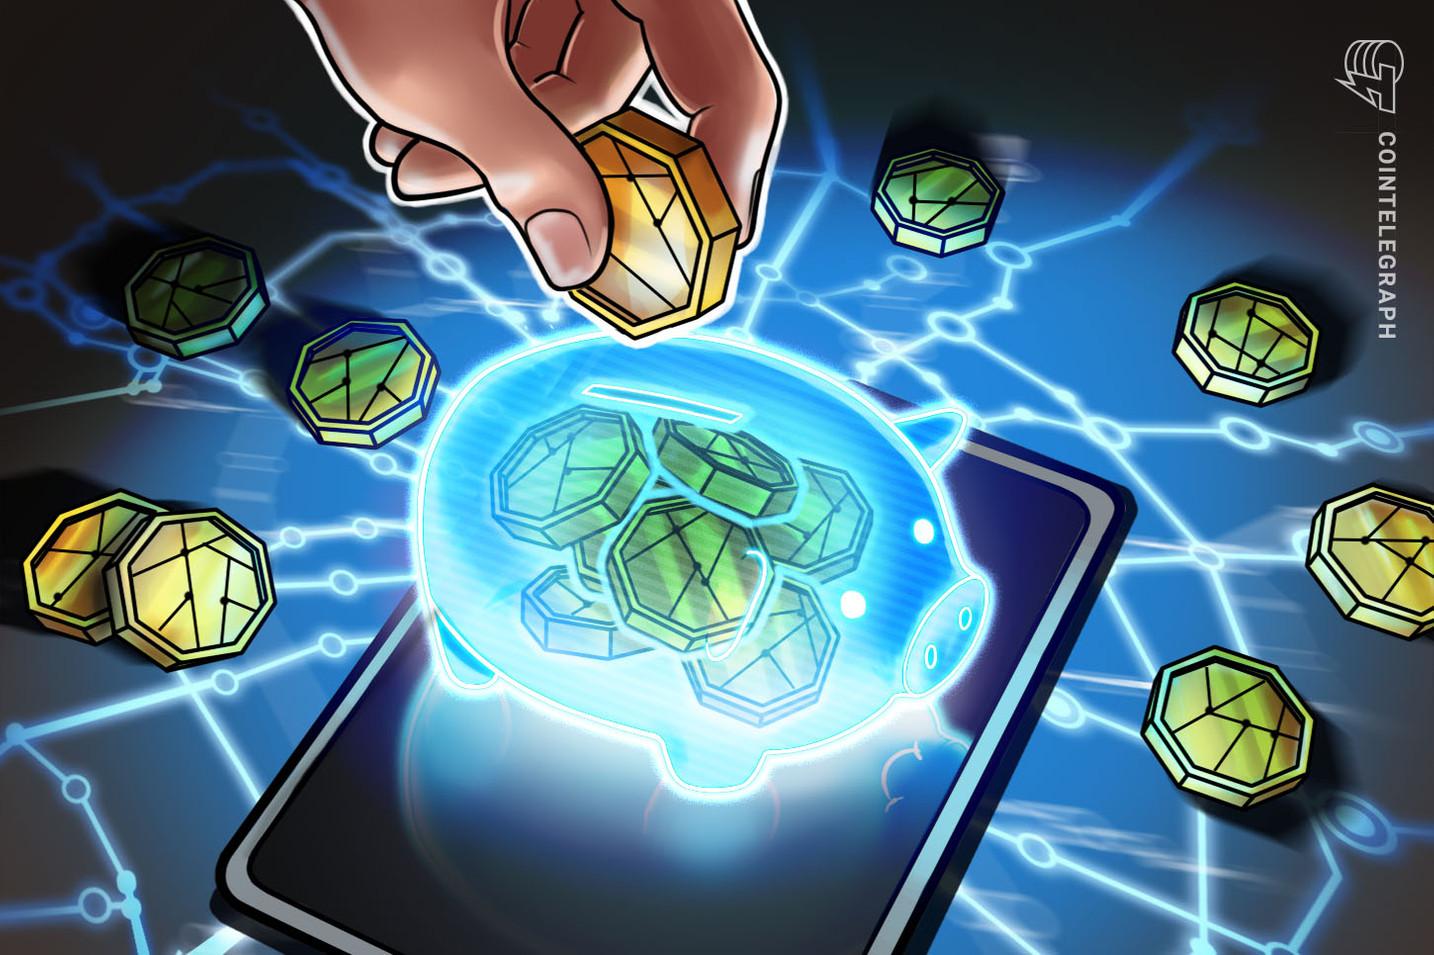 Firma de Software de criptos Blockchain lanza monedero hardware alimentado por Ledger